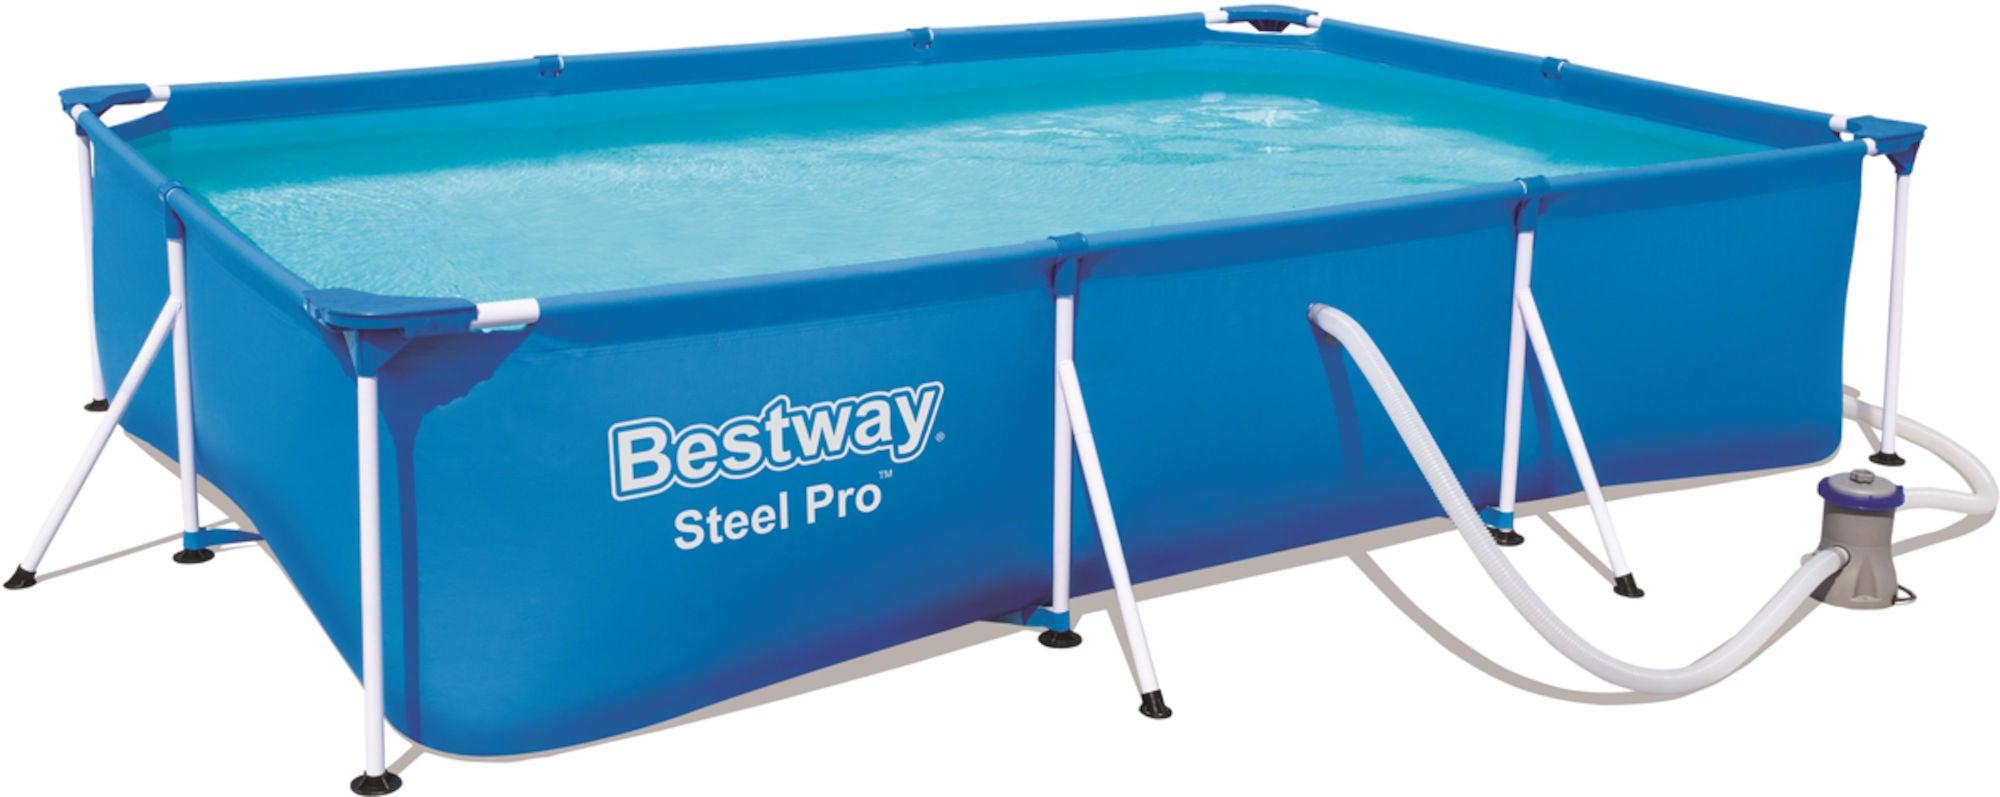 Bestway Steel Pro Pool m. Tillbehör 300 x 201